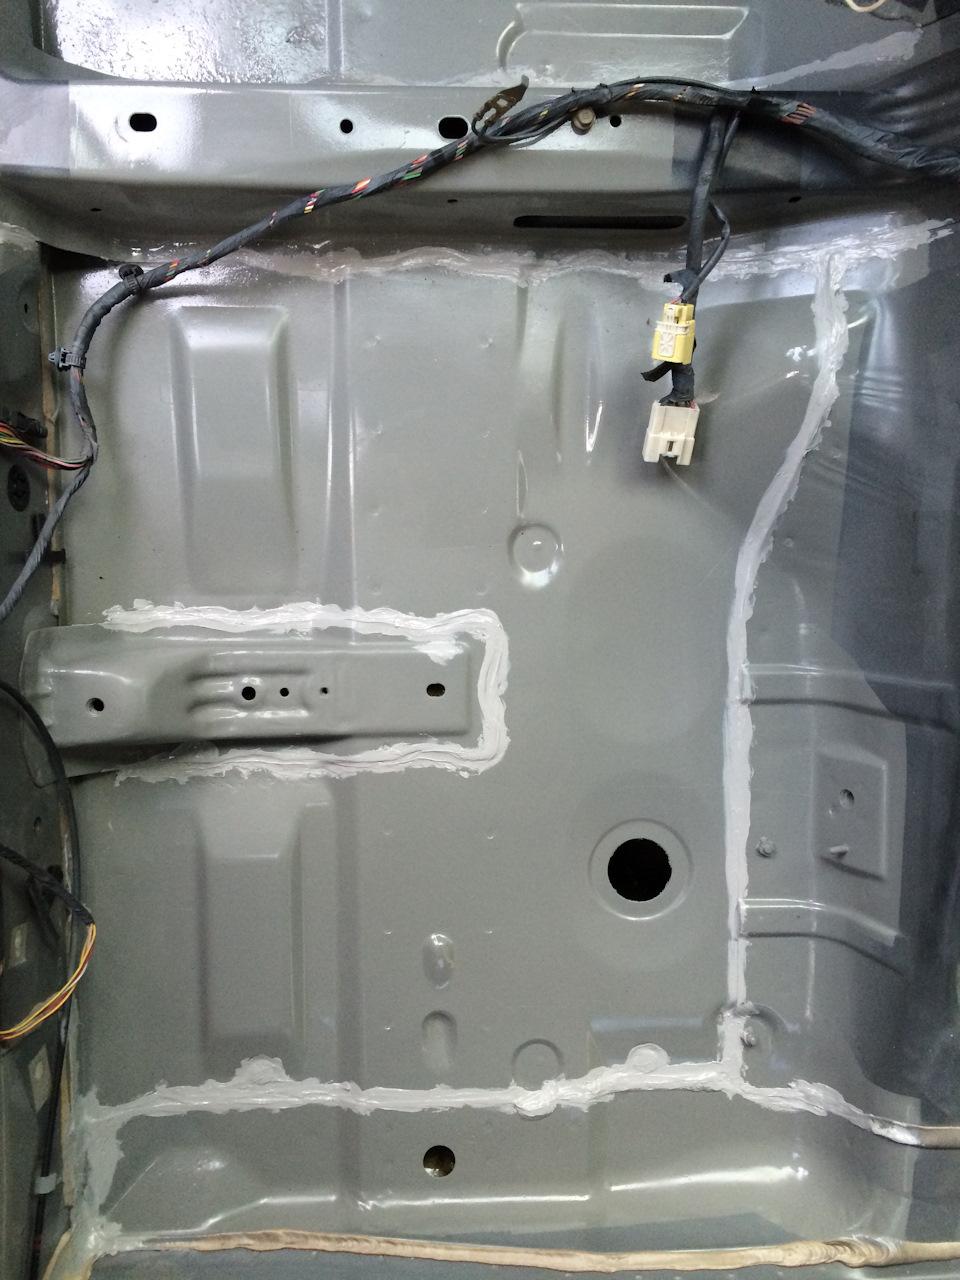 a16d9c5s 960 - Чем обработать пол в машине от ржавчины